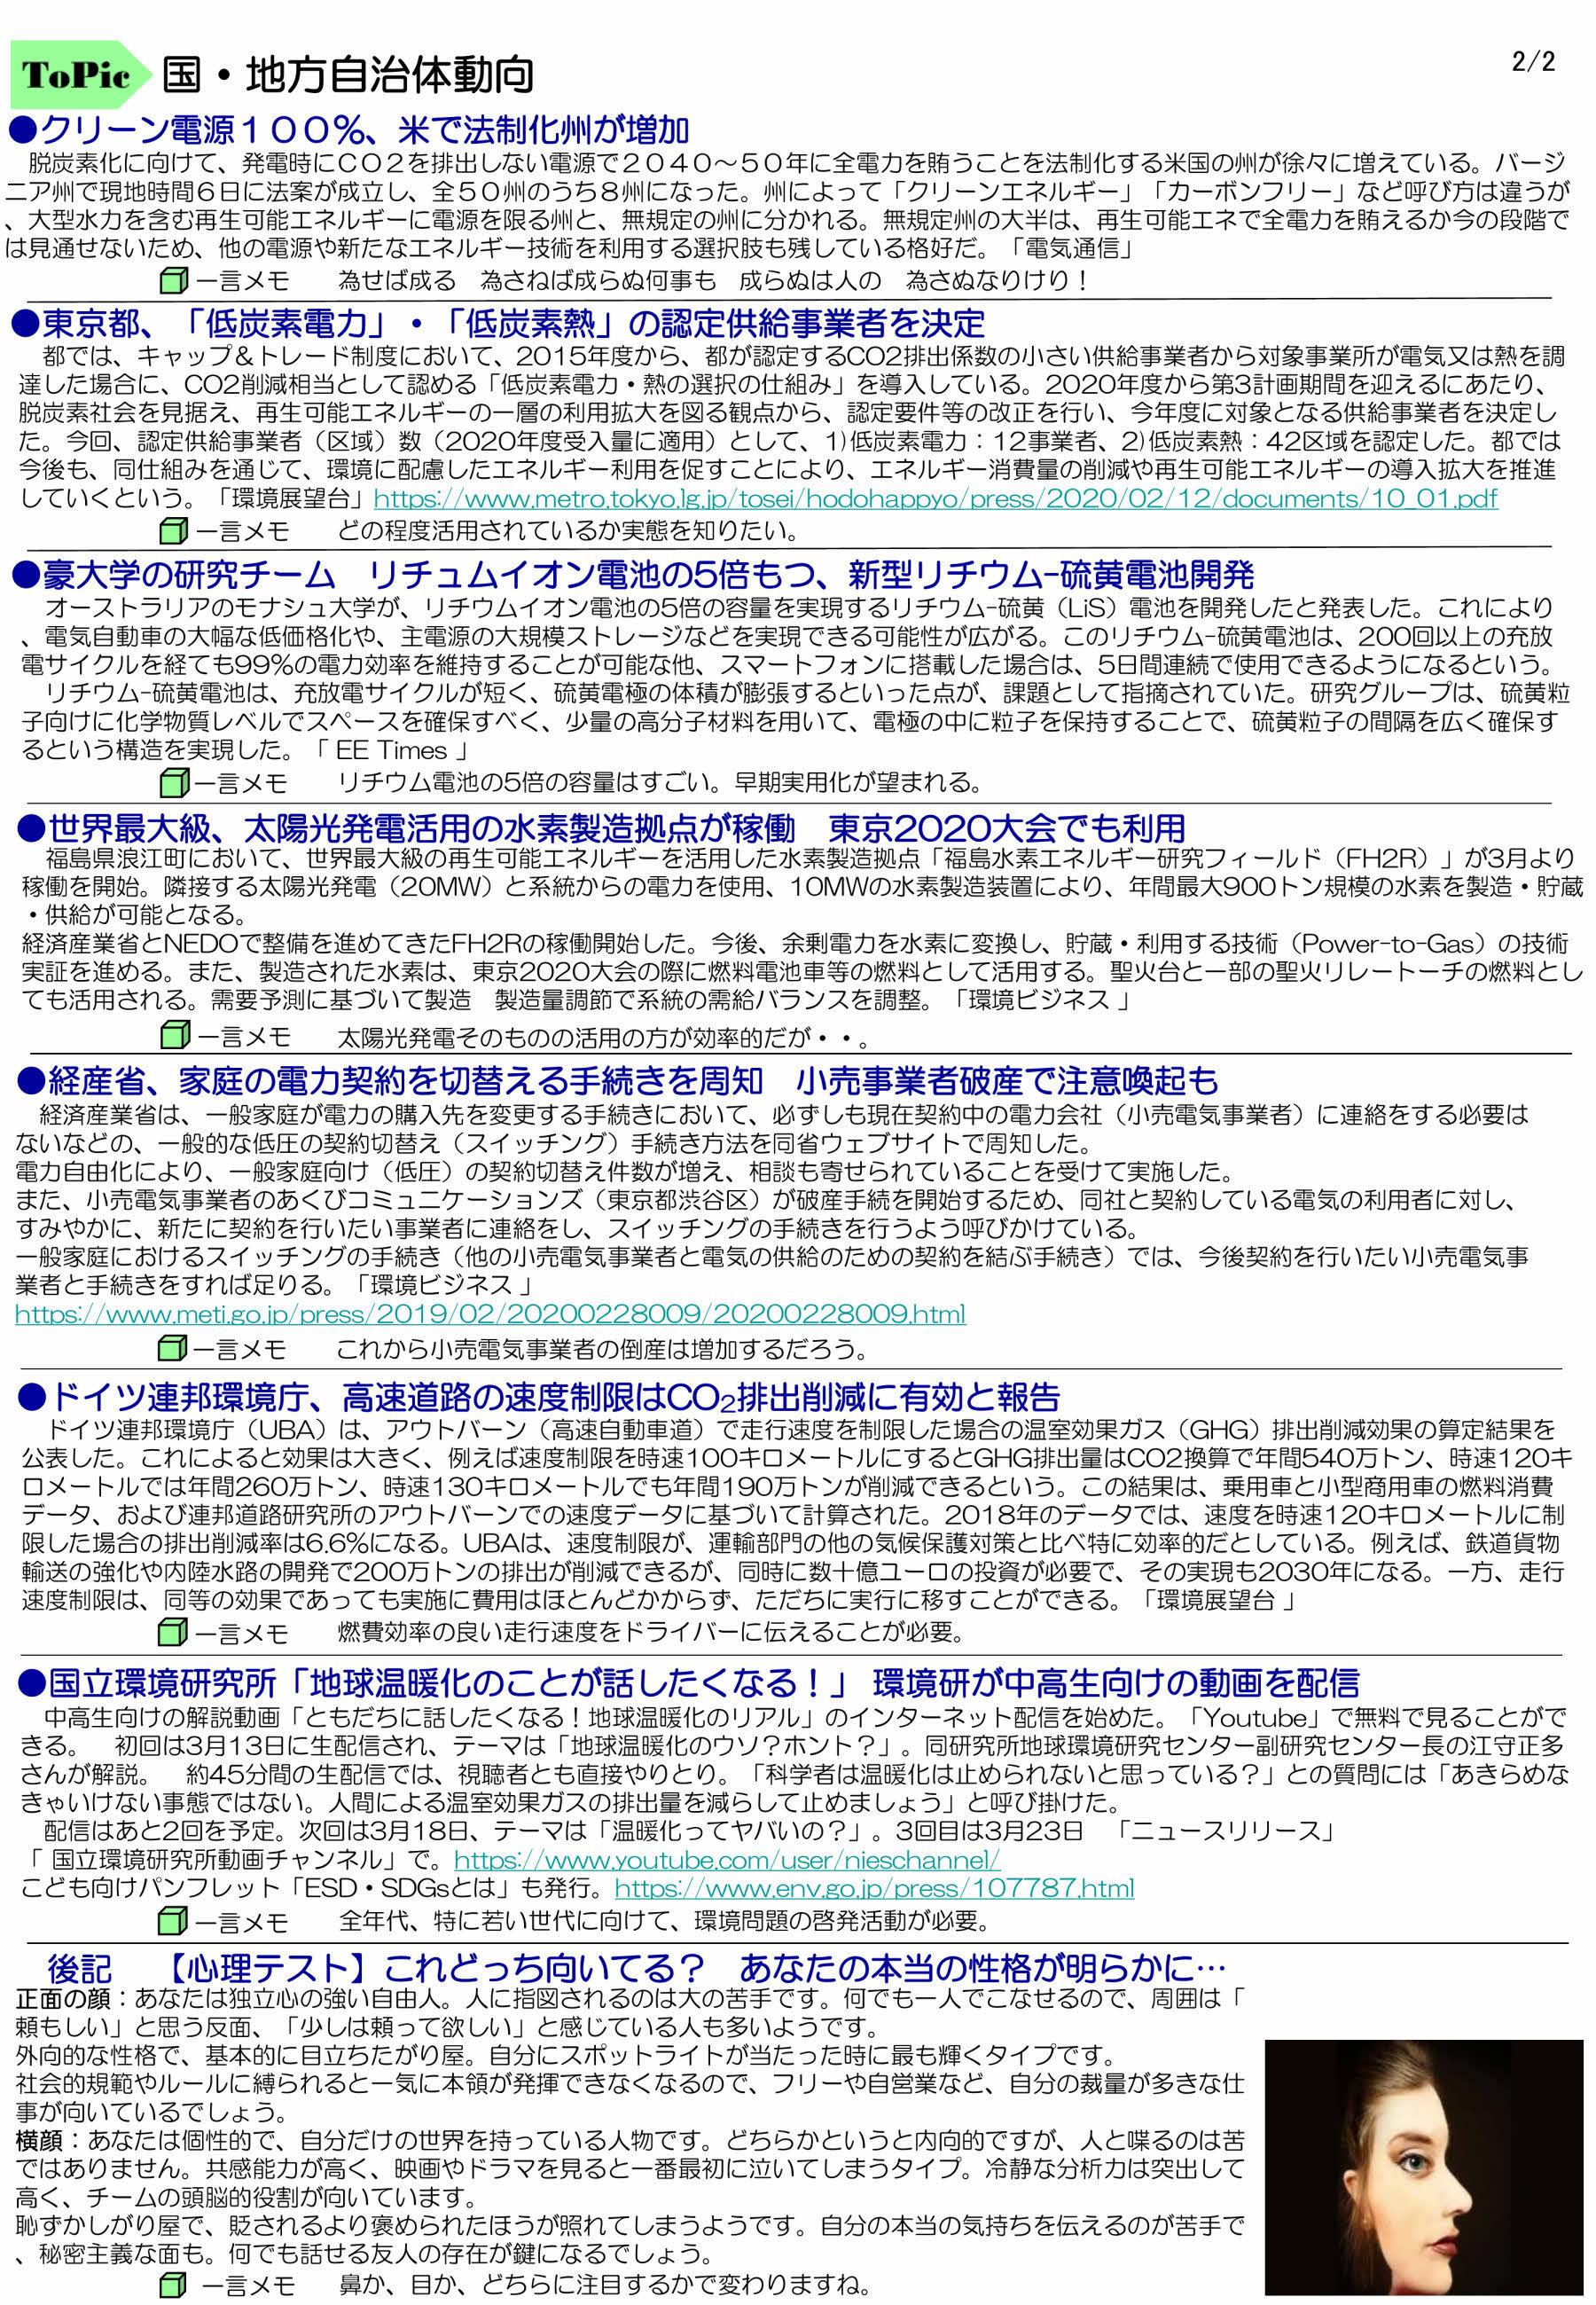 資源エネレポート -N0.71-